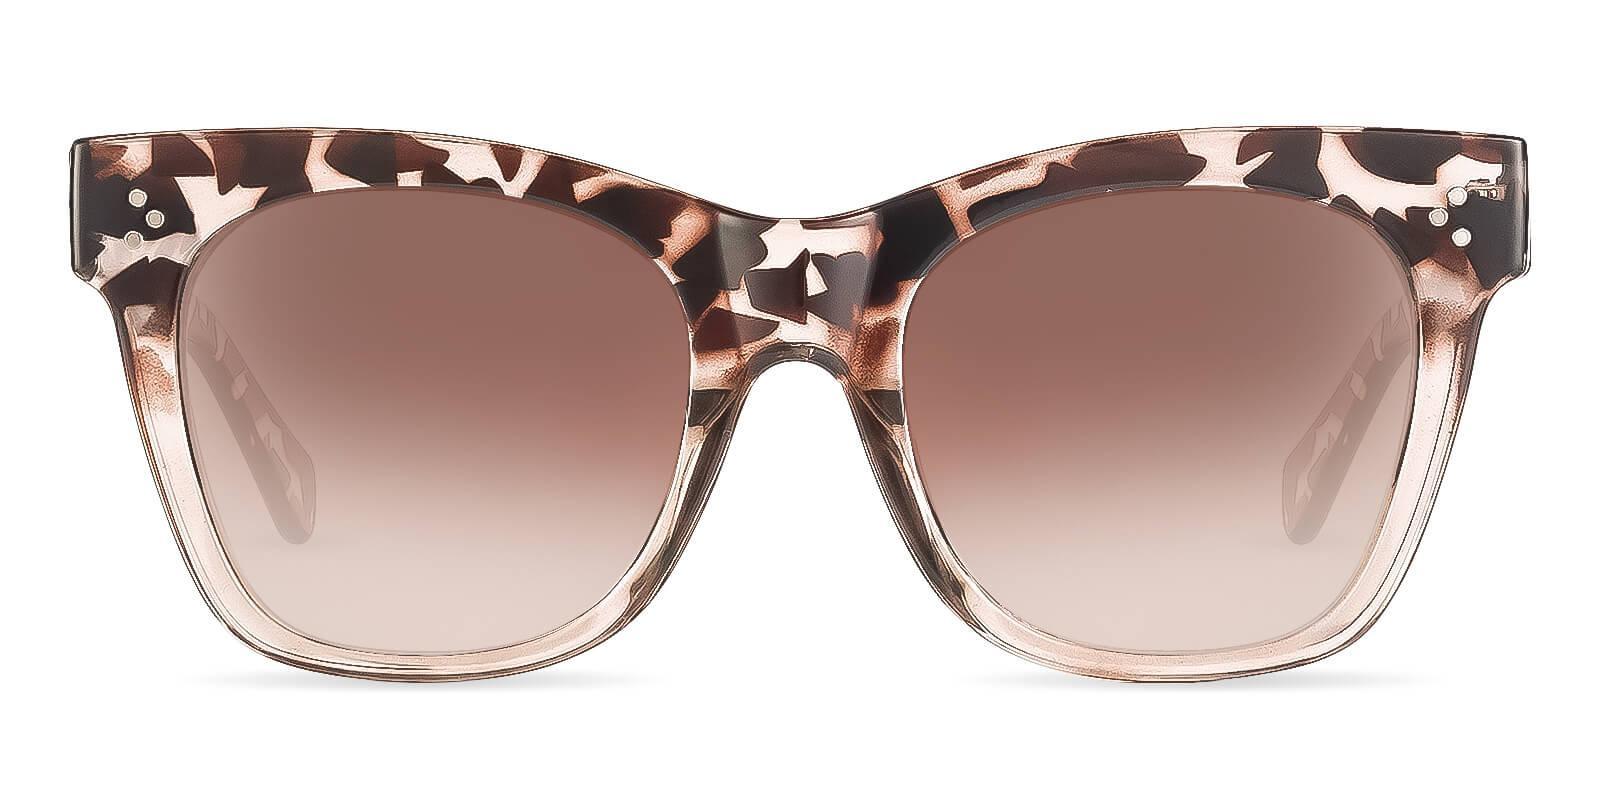 Nevada Tortoise Plastic Fashion , Sunglasses Frames from ABBE Glasses